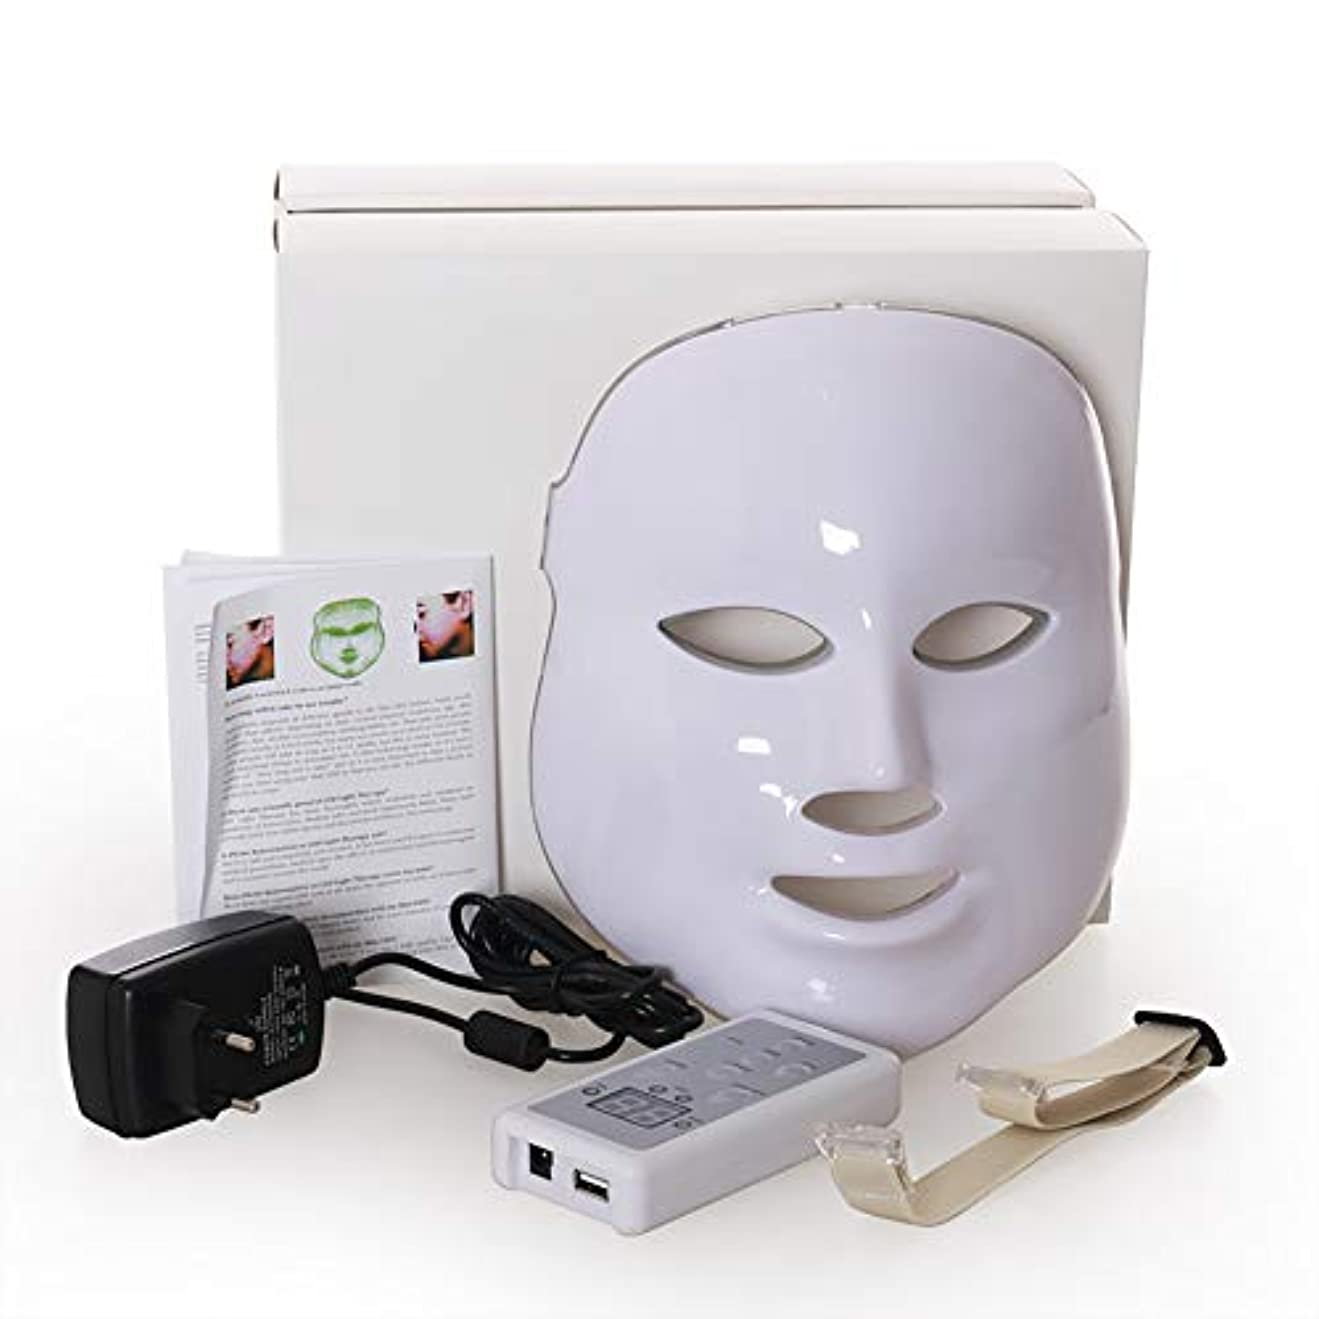 耕すページスマイルLed のマスク、7色はしわ、にきび及び健康な皮の若返りのコラーゲン、反老化の美のマスクのための軽い療法の顔のスキンケアのマスクを導きました